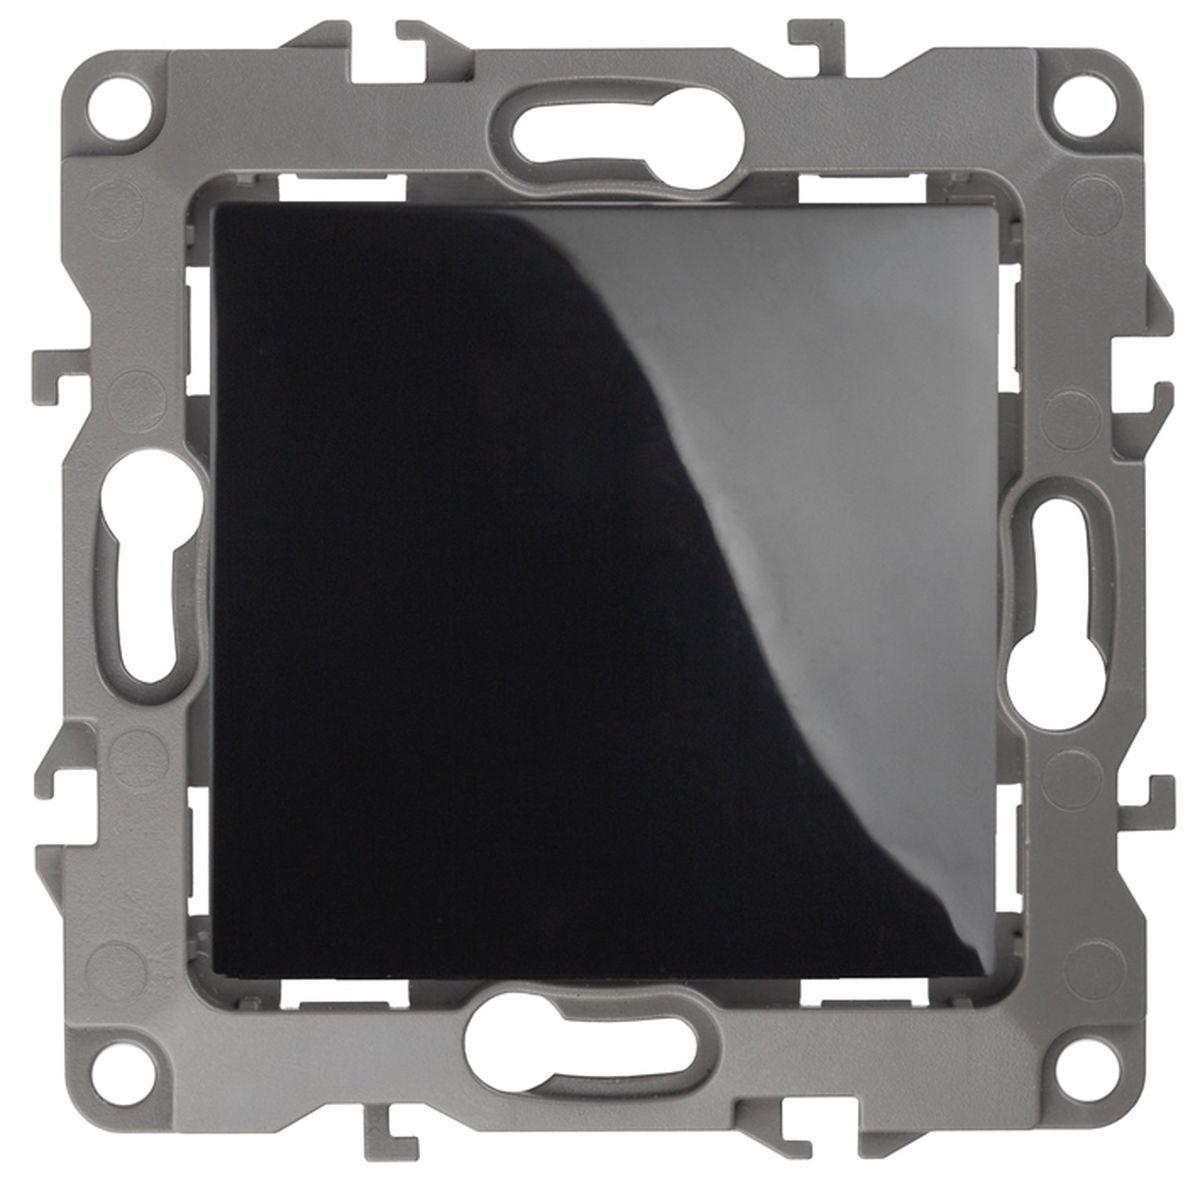 Переключатель ЭРА, 10АХ-250В, Эра12, черный12-1103-06Автоматические зажимы. Такие зажимы кабеля обеспечивают быстрый и надежный монтаж изделия к электросети без отвертки и не требуют обслуживания в отличие от винтовых зажимов. Проходной